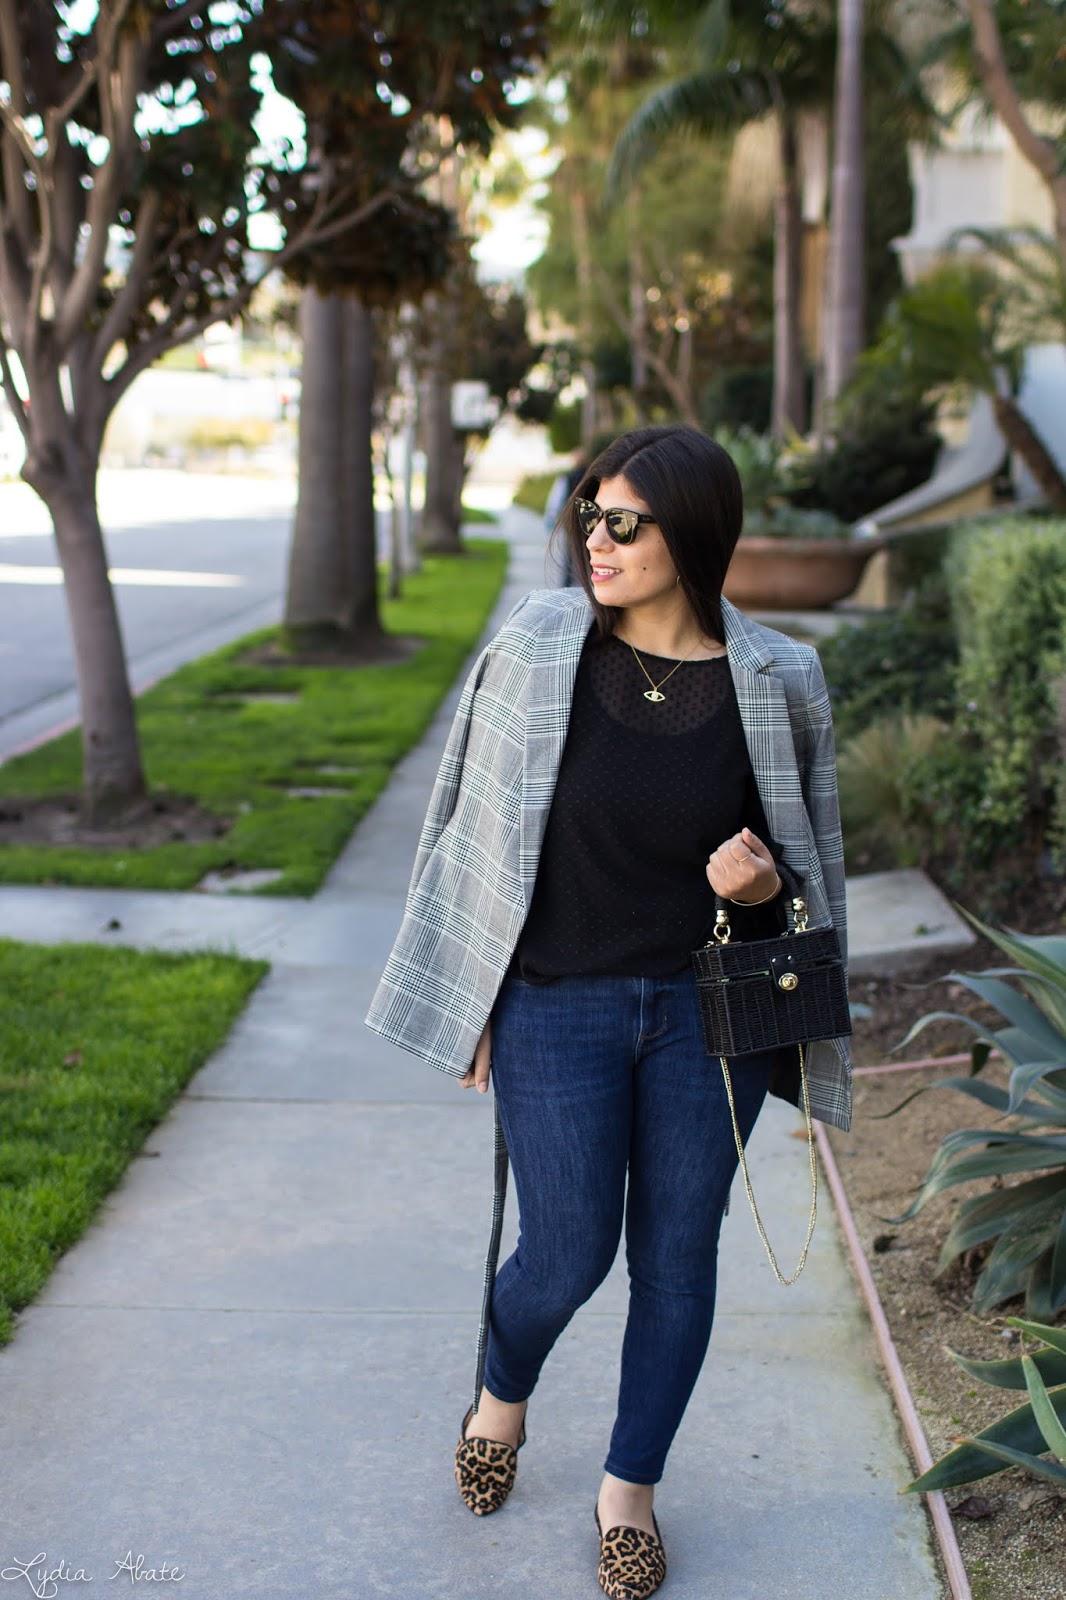 2e46fe41a4 L.A. Winter Uniform | Chic on the Cheap | Bloglovin'